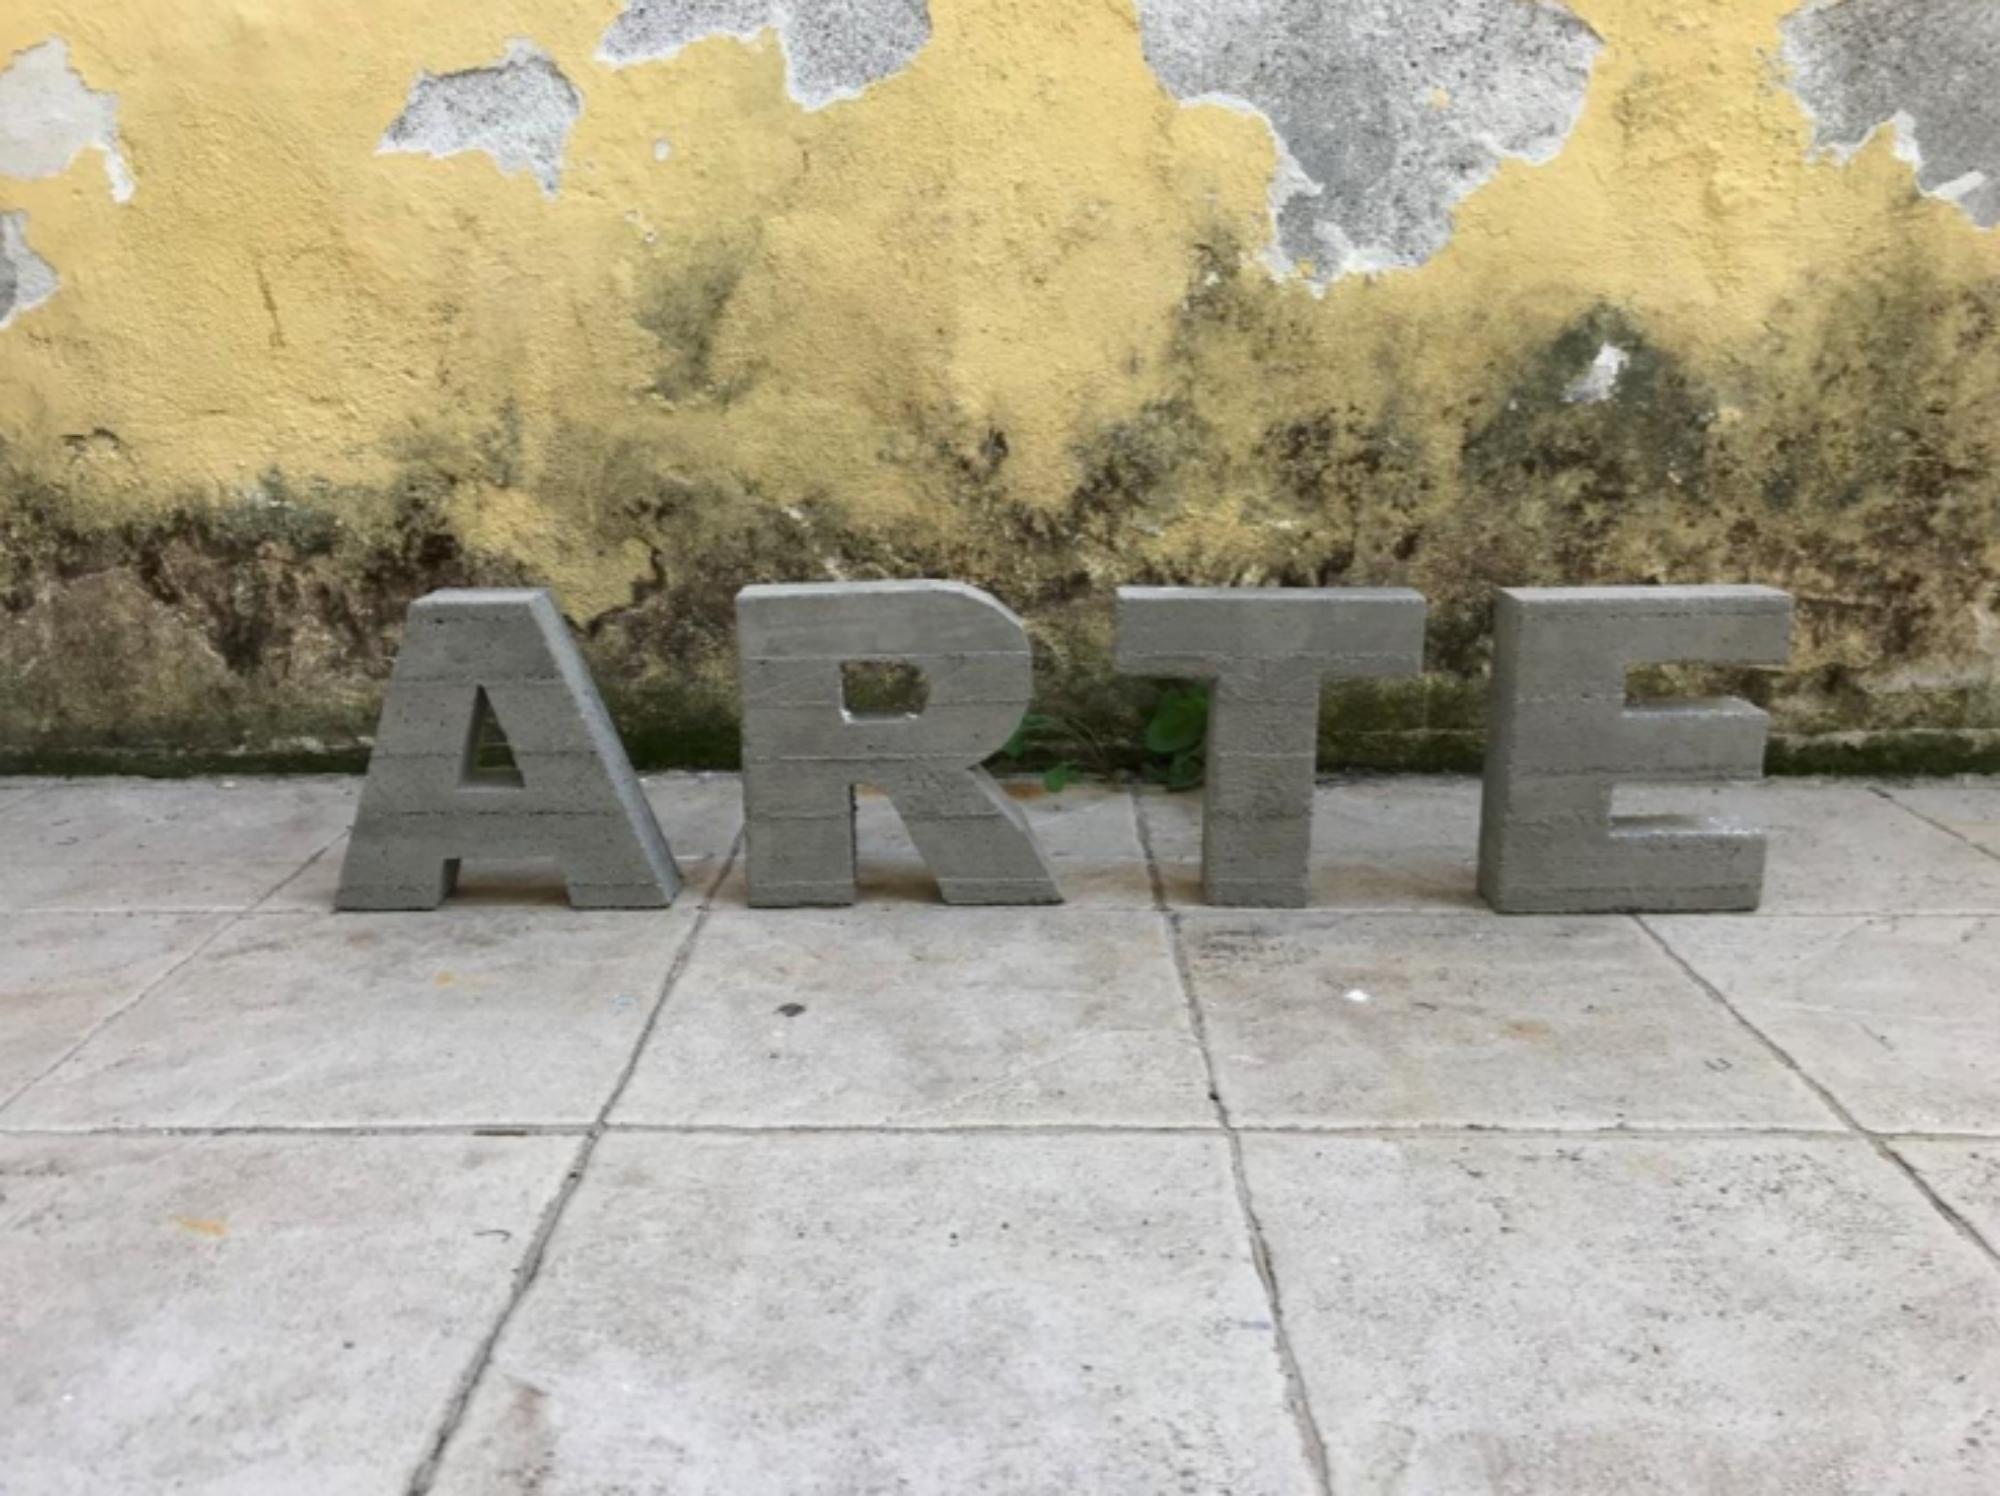 Arte by Mario Loprete